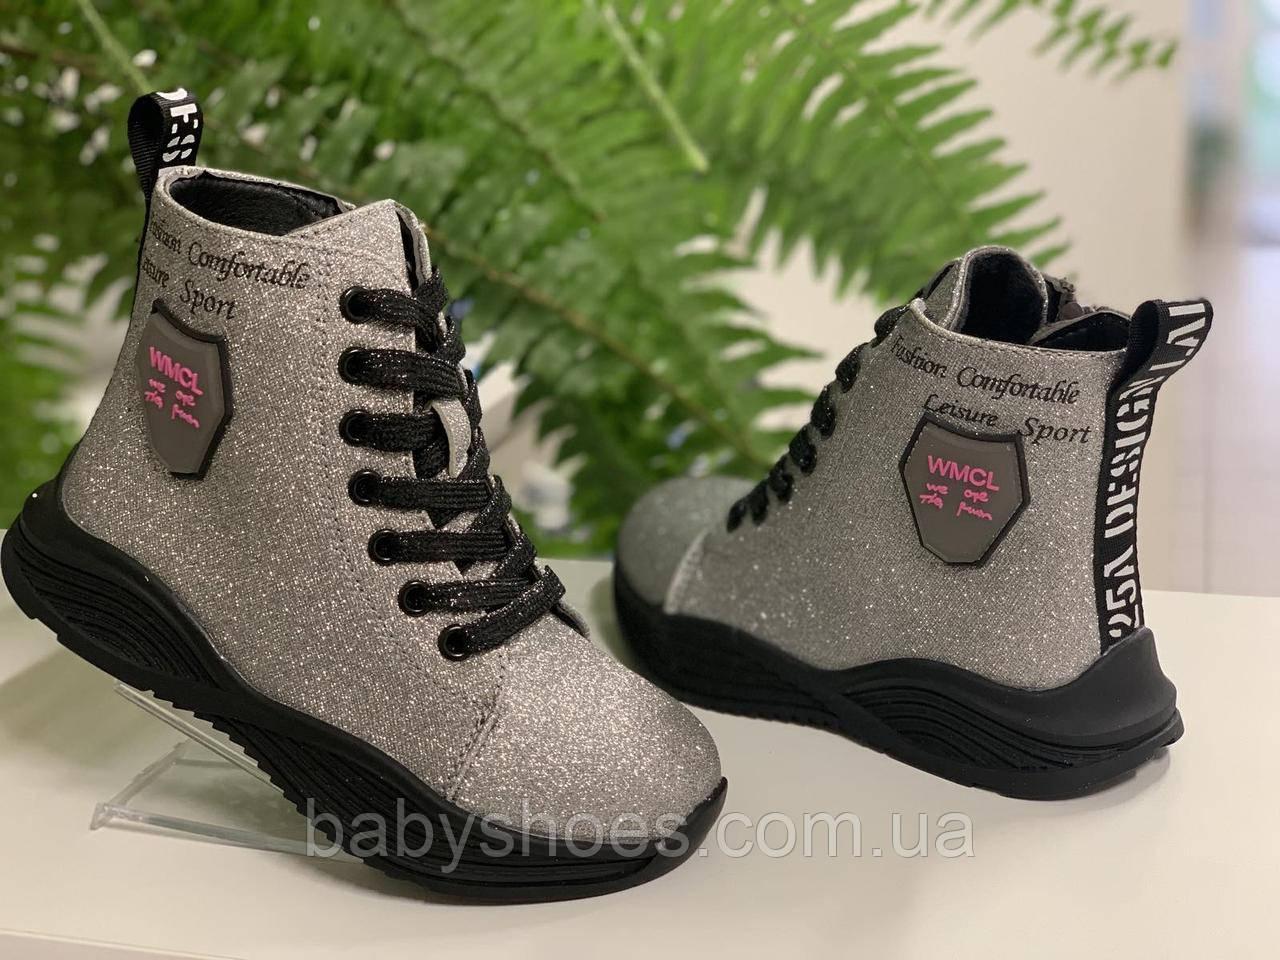 Демисезонные ботинки для девочки Jong.Golf, р.27( 16,5 см)  ДД-284